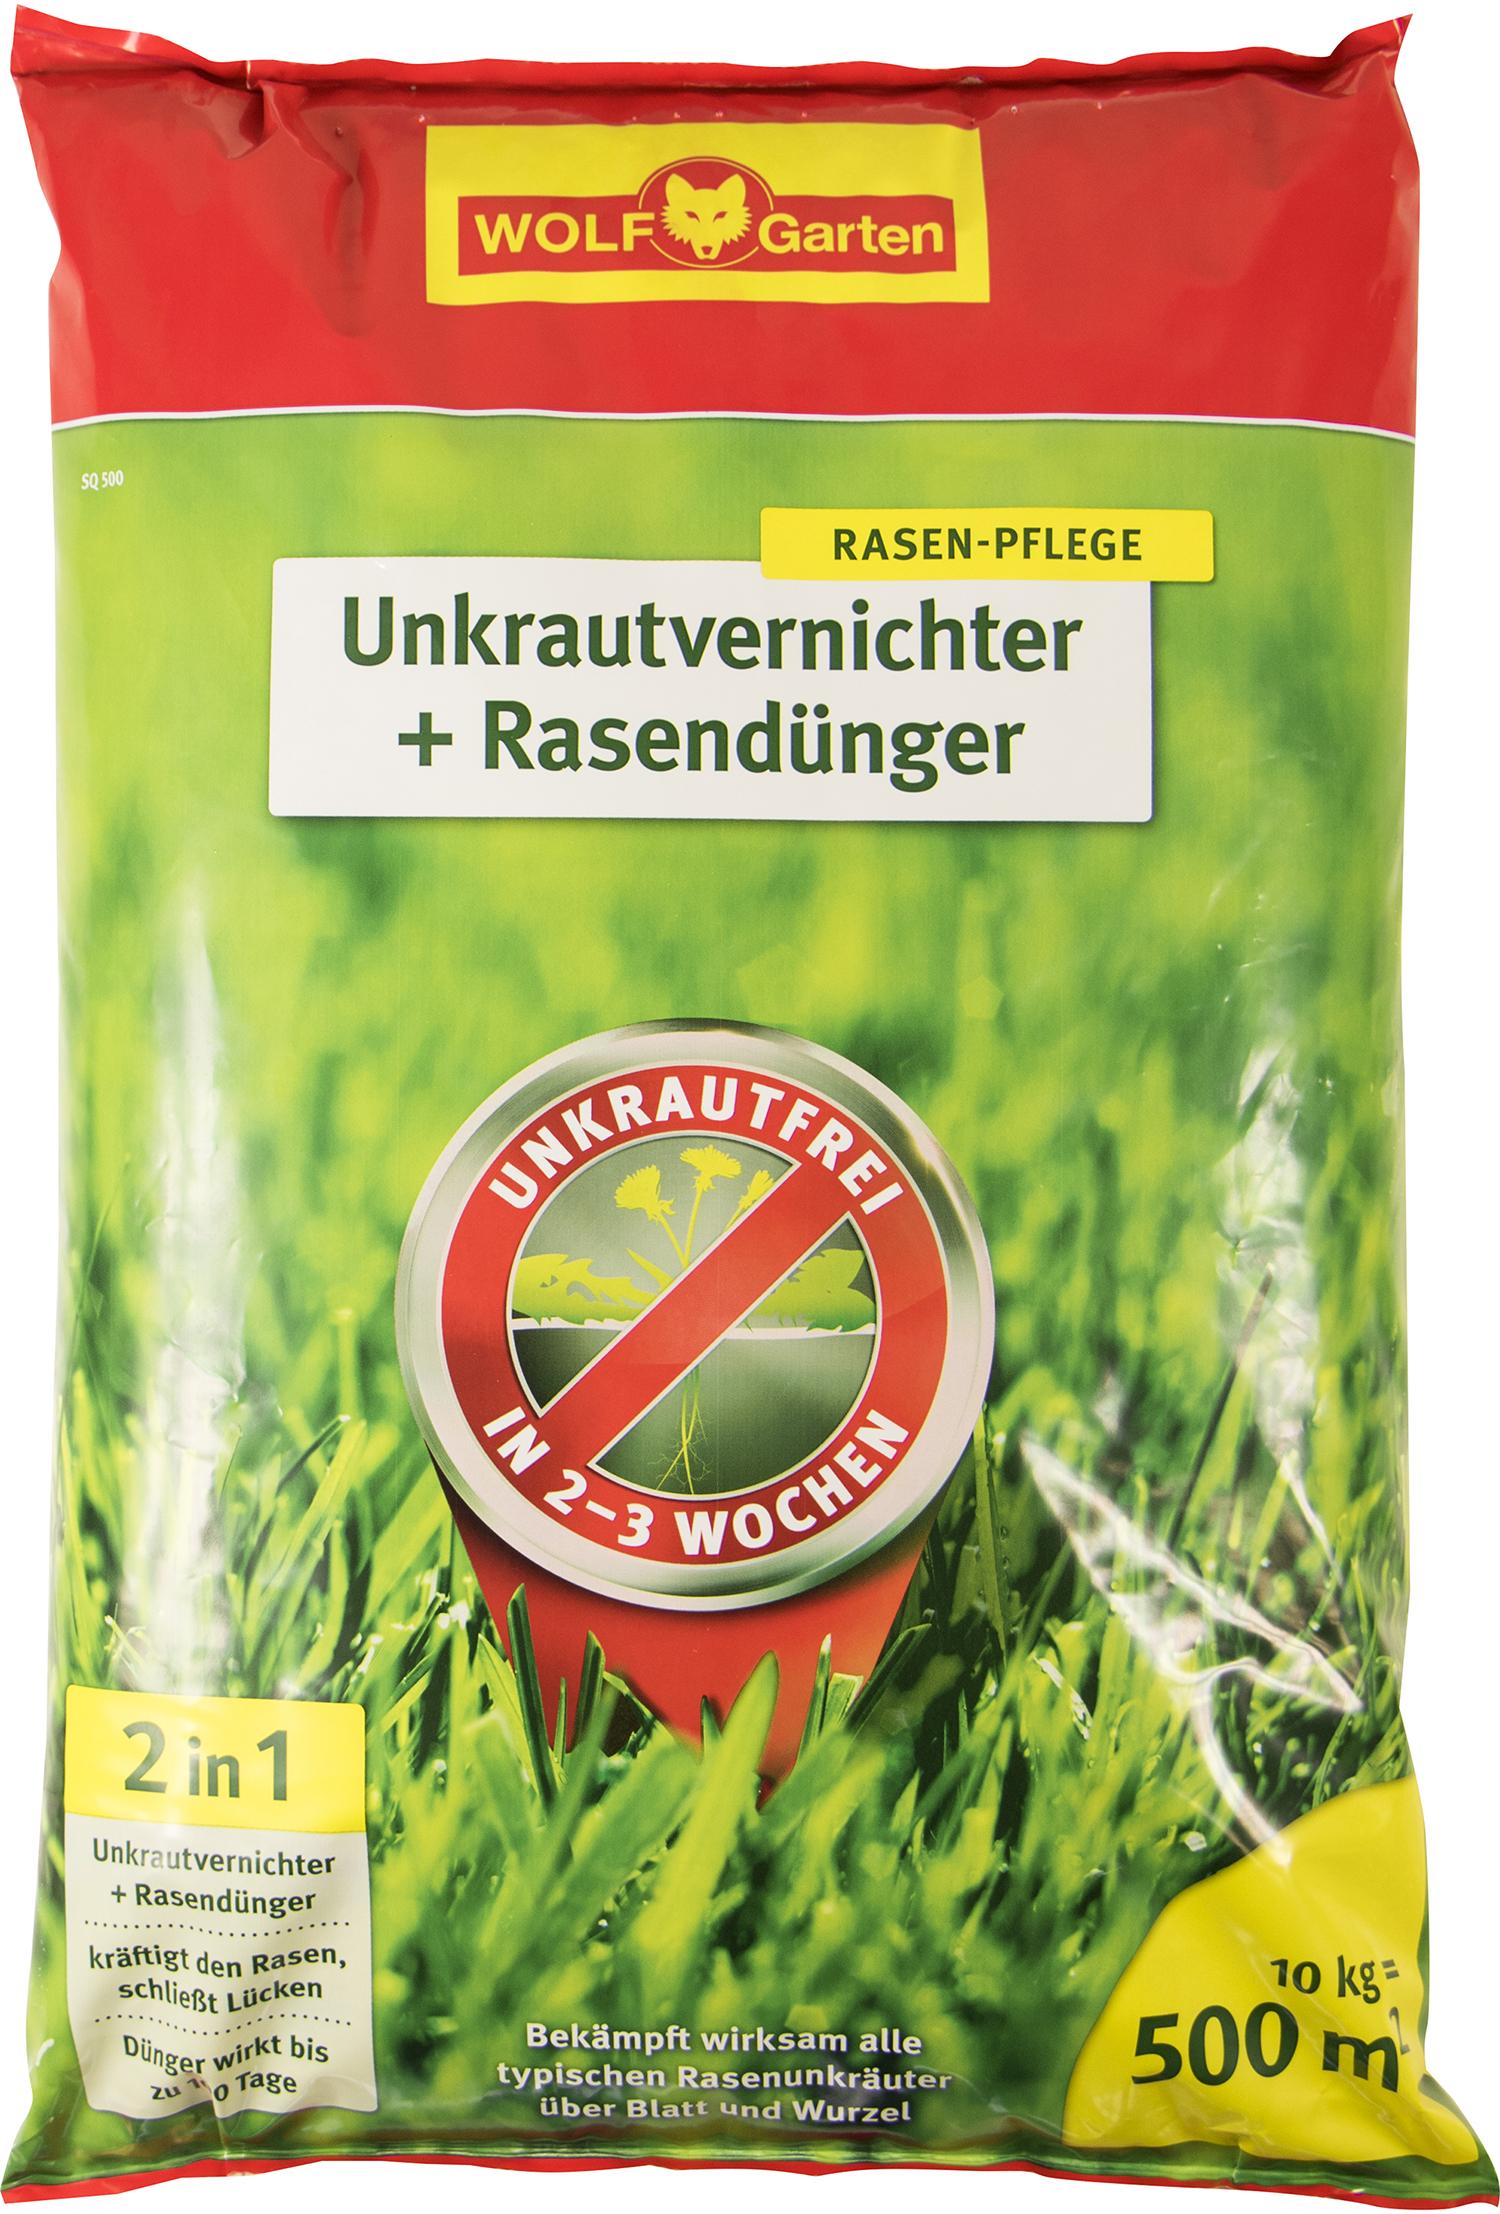 WOLF-Garten WE-B Universal-Streuer SQ 500 Unkrautvernichter plus Rasendünger